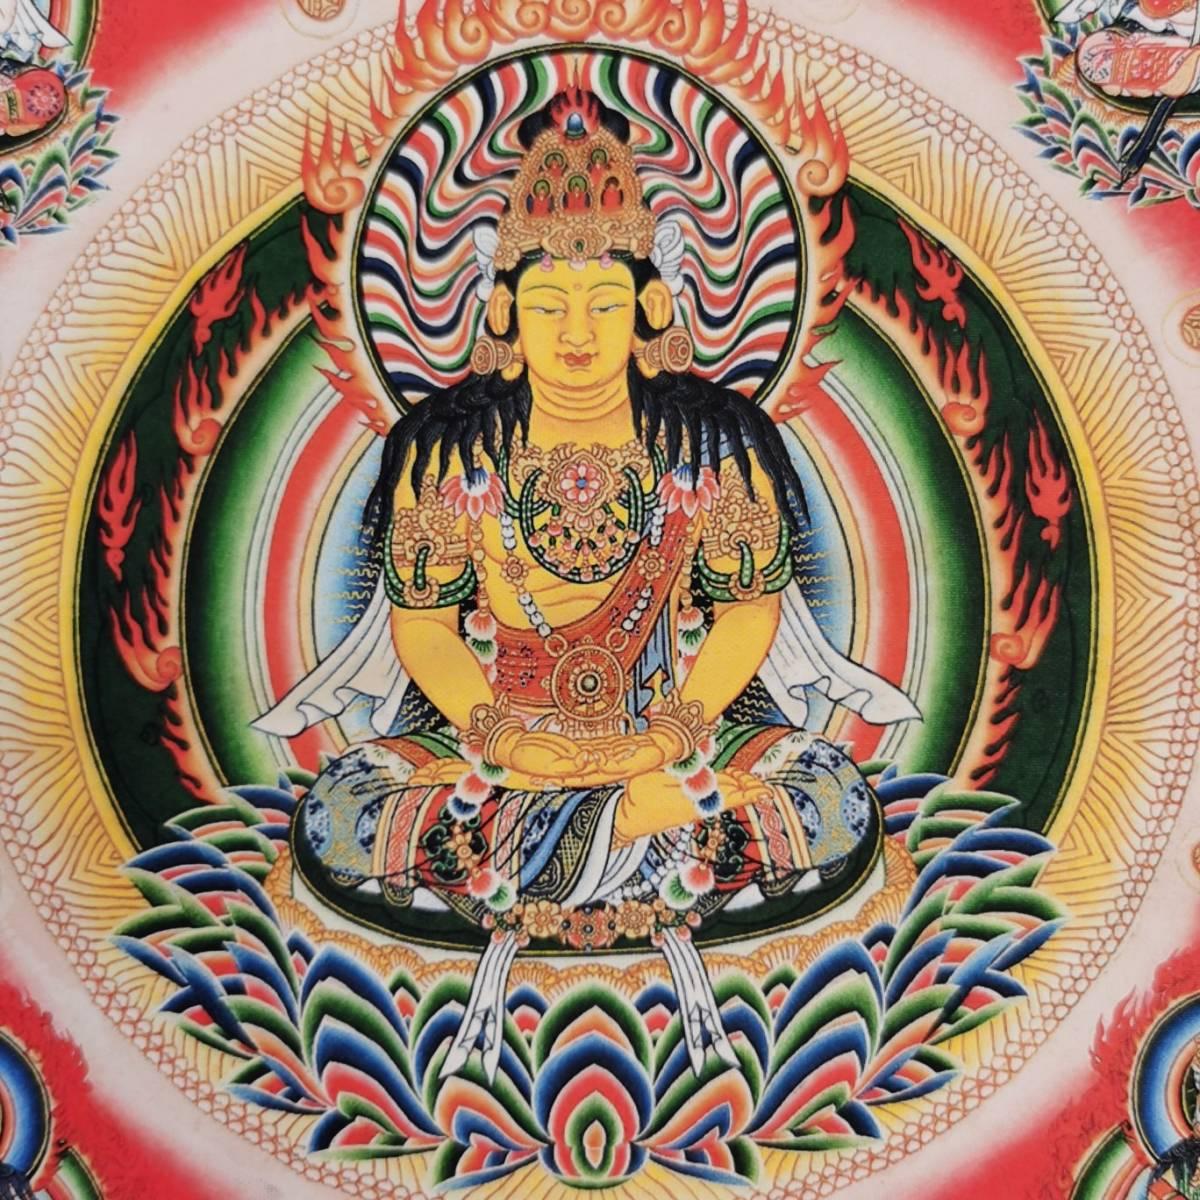 特別配布 胎蔵界 曼荼羅 曼陀羅 マンダラ チベットタントリックタンカ 印刷画  チベット仏像 大判 タンカ インテリア 装飾_画像7